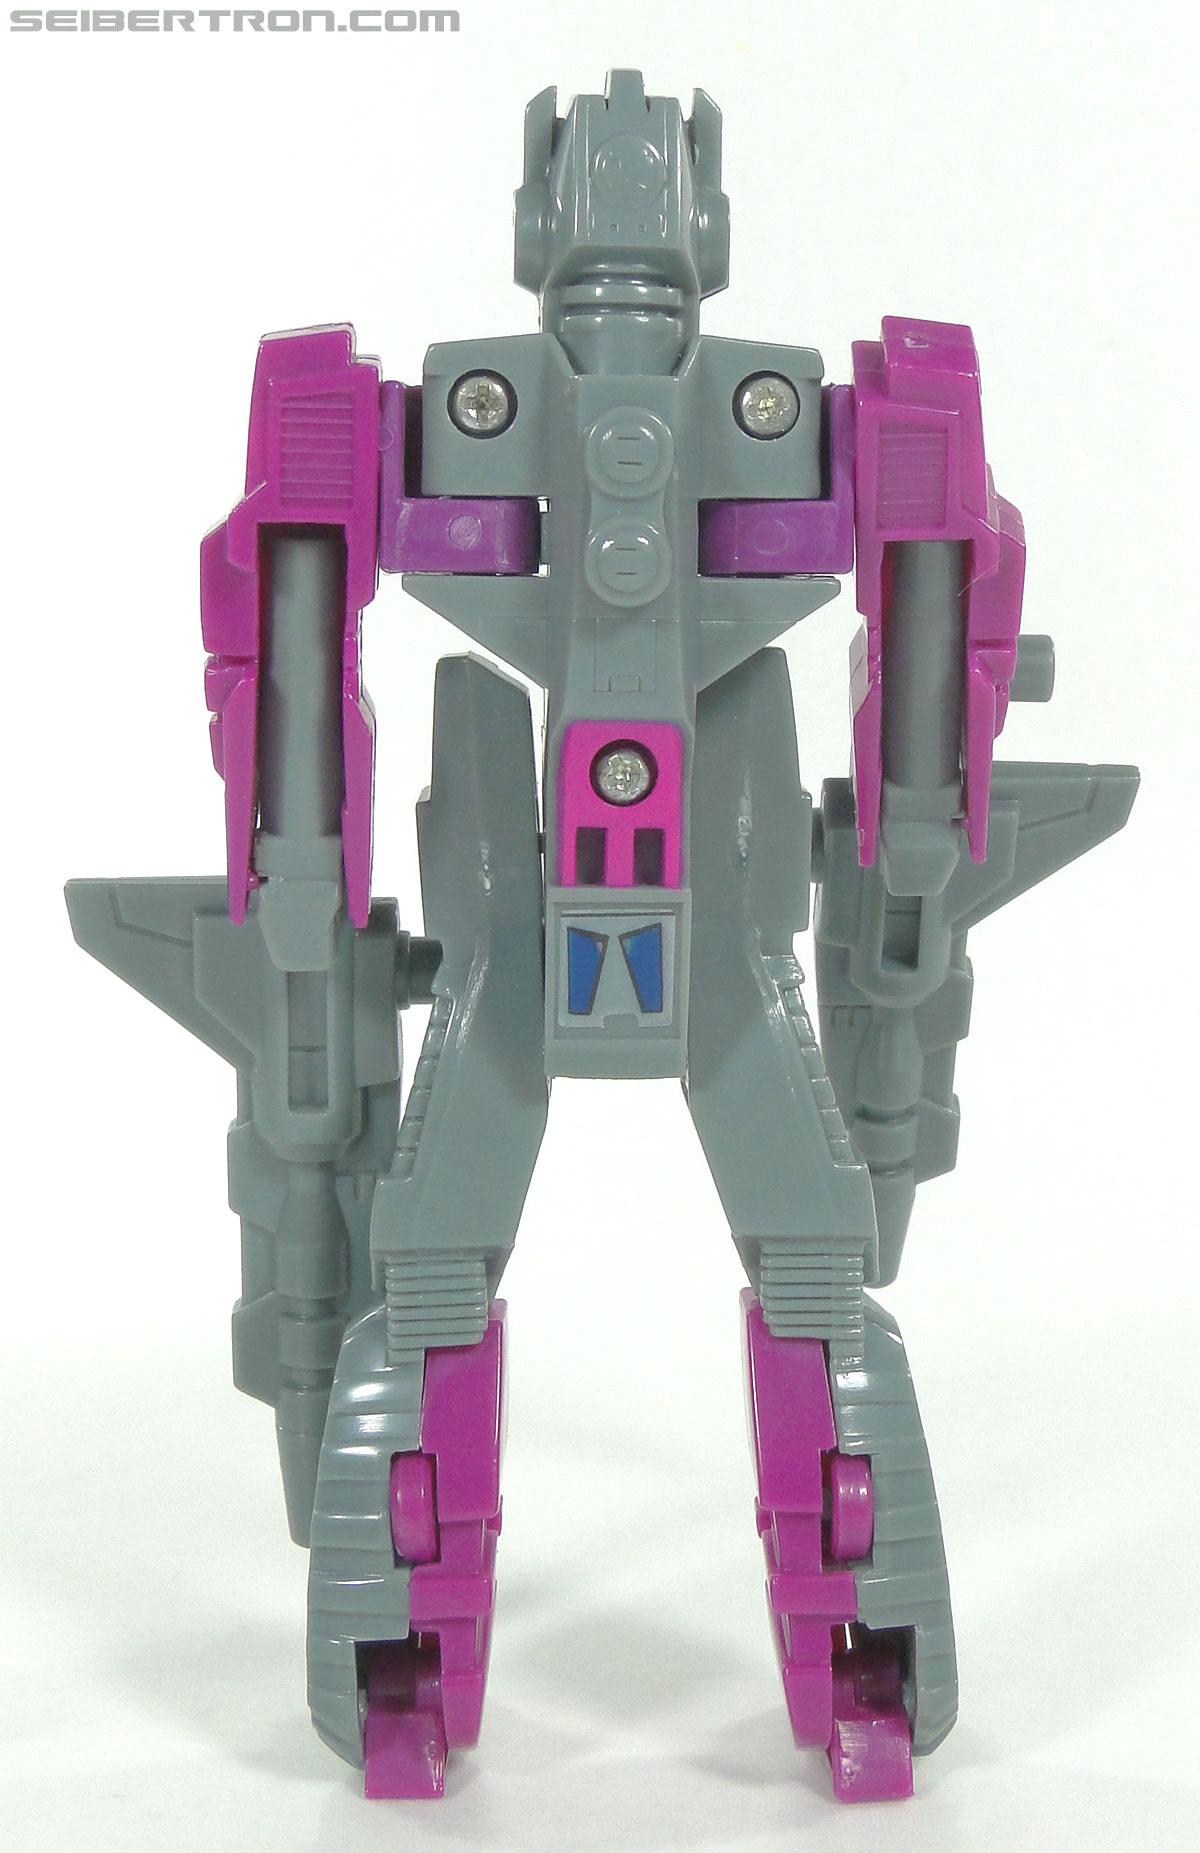 Transformers Super God Masterforce Skullgrin (Dauros) (Image #152 of 196)